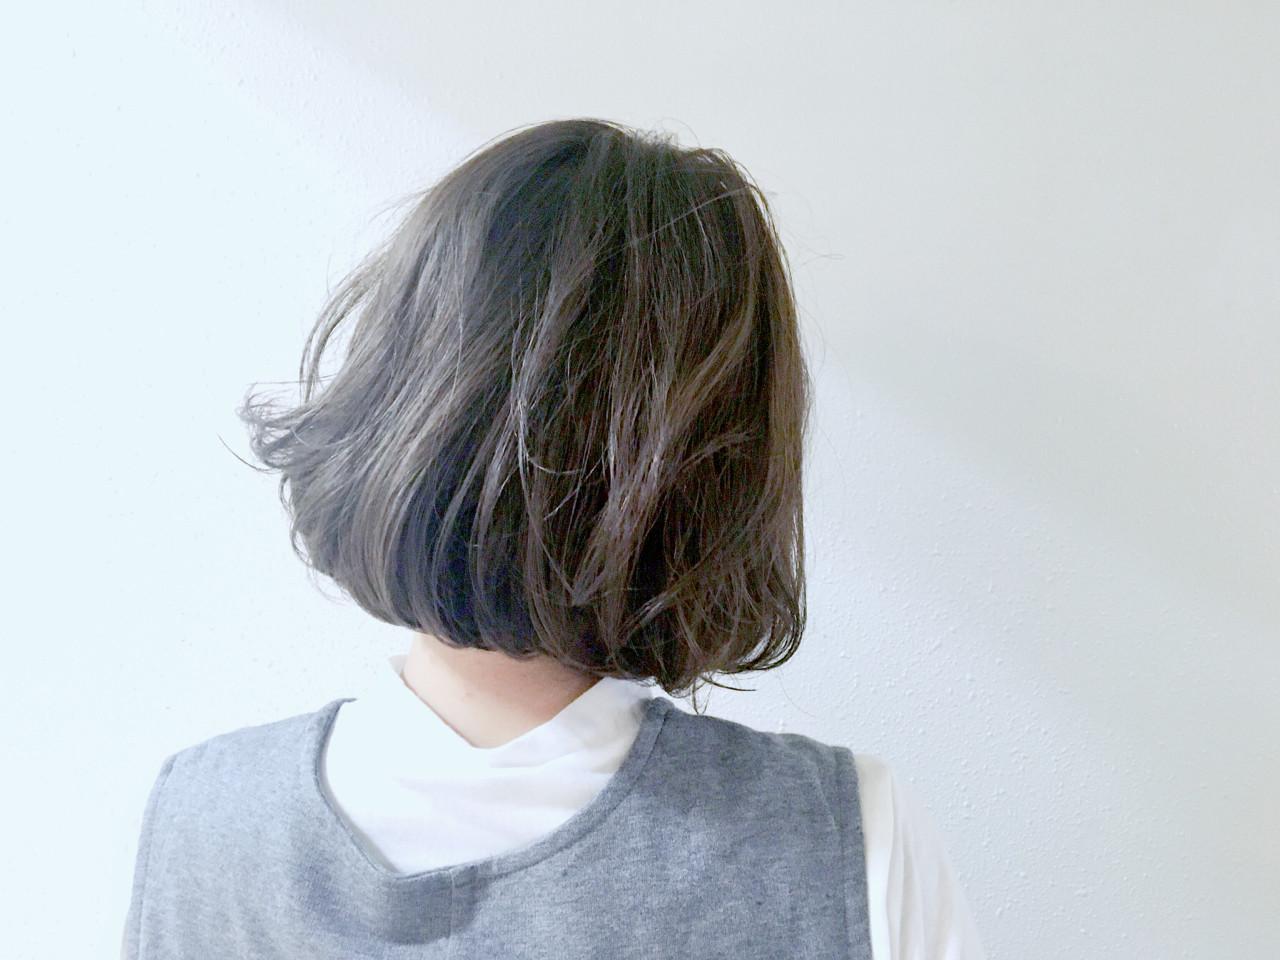 アッシュグレージュ 暗髪 グレージュ 外国人風カラー ヘアスタイルや髪型の写真・画像